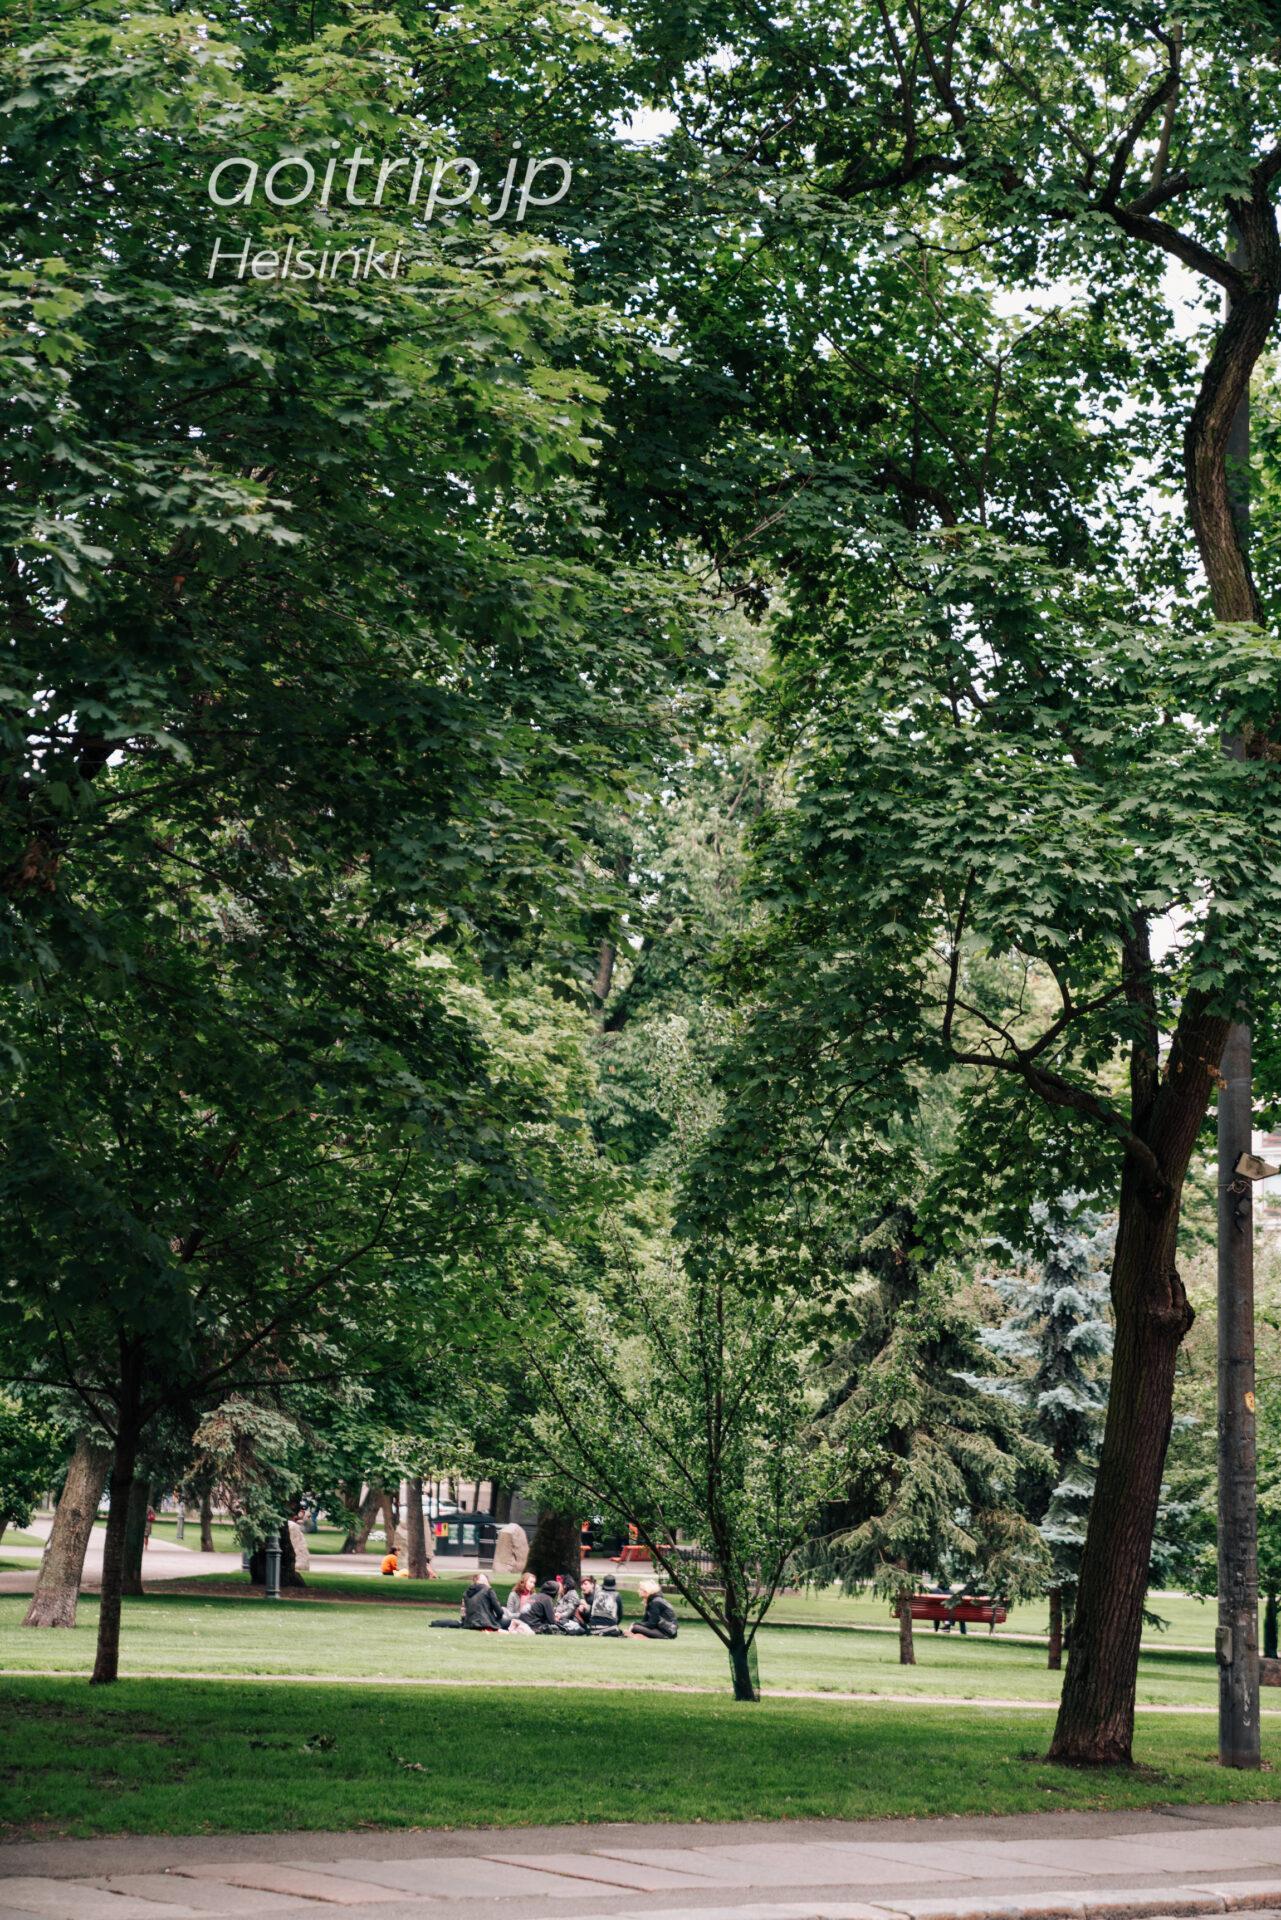 ヘルシンキ Old Church Park